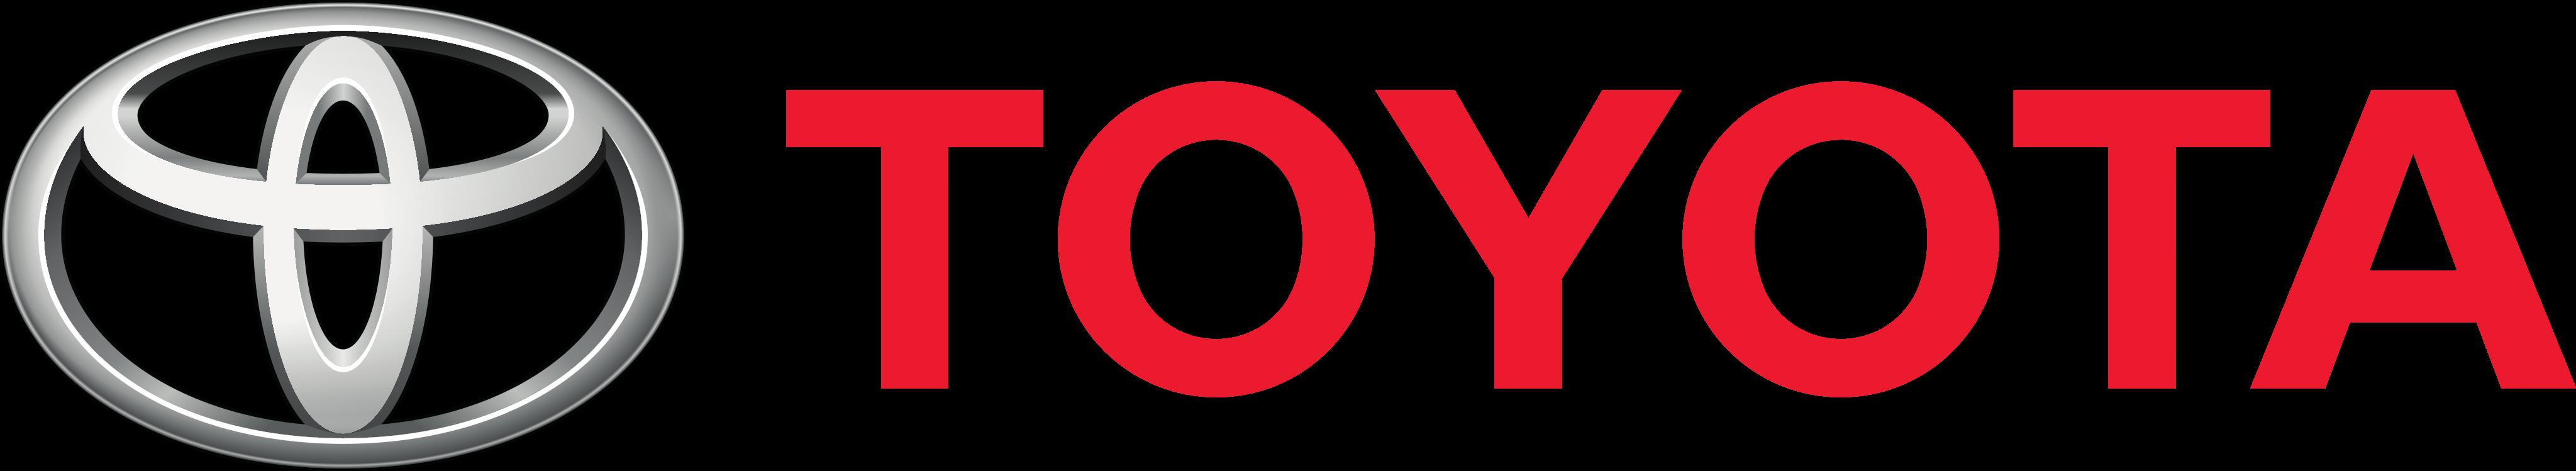 toyota-logo-3